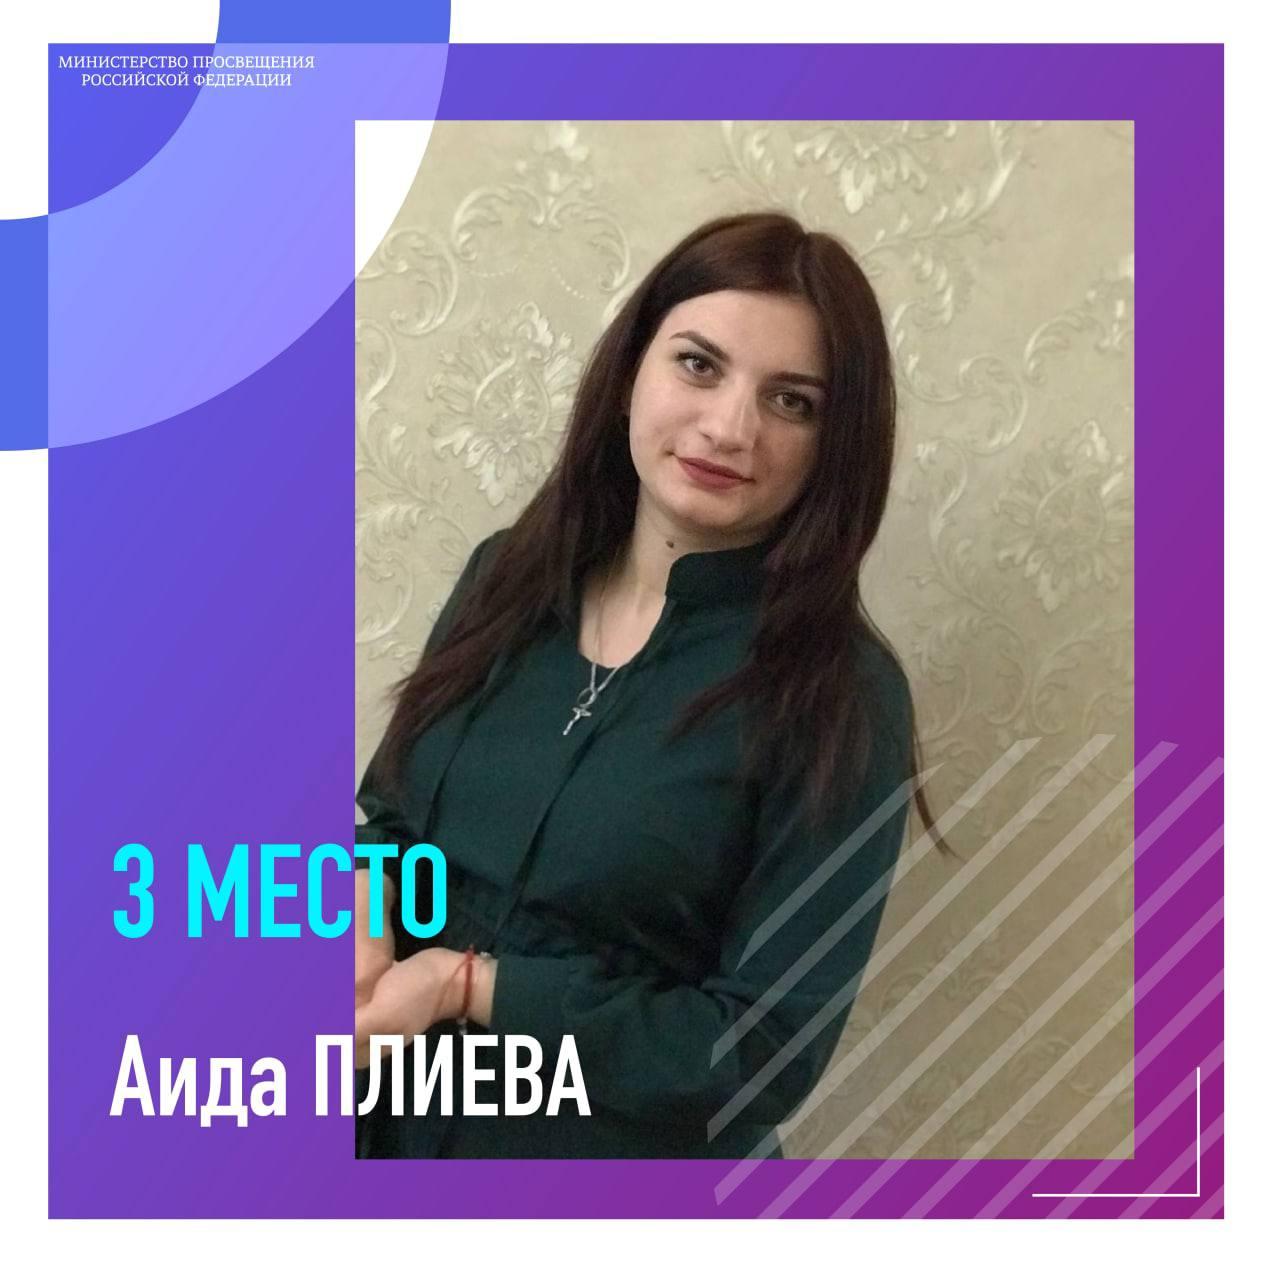 Студентка СОГПИ Аида Плиева заняла третье место в акции Министерства просвещения РФ